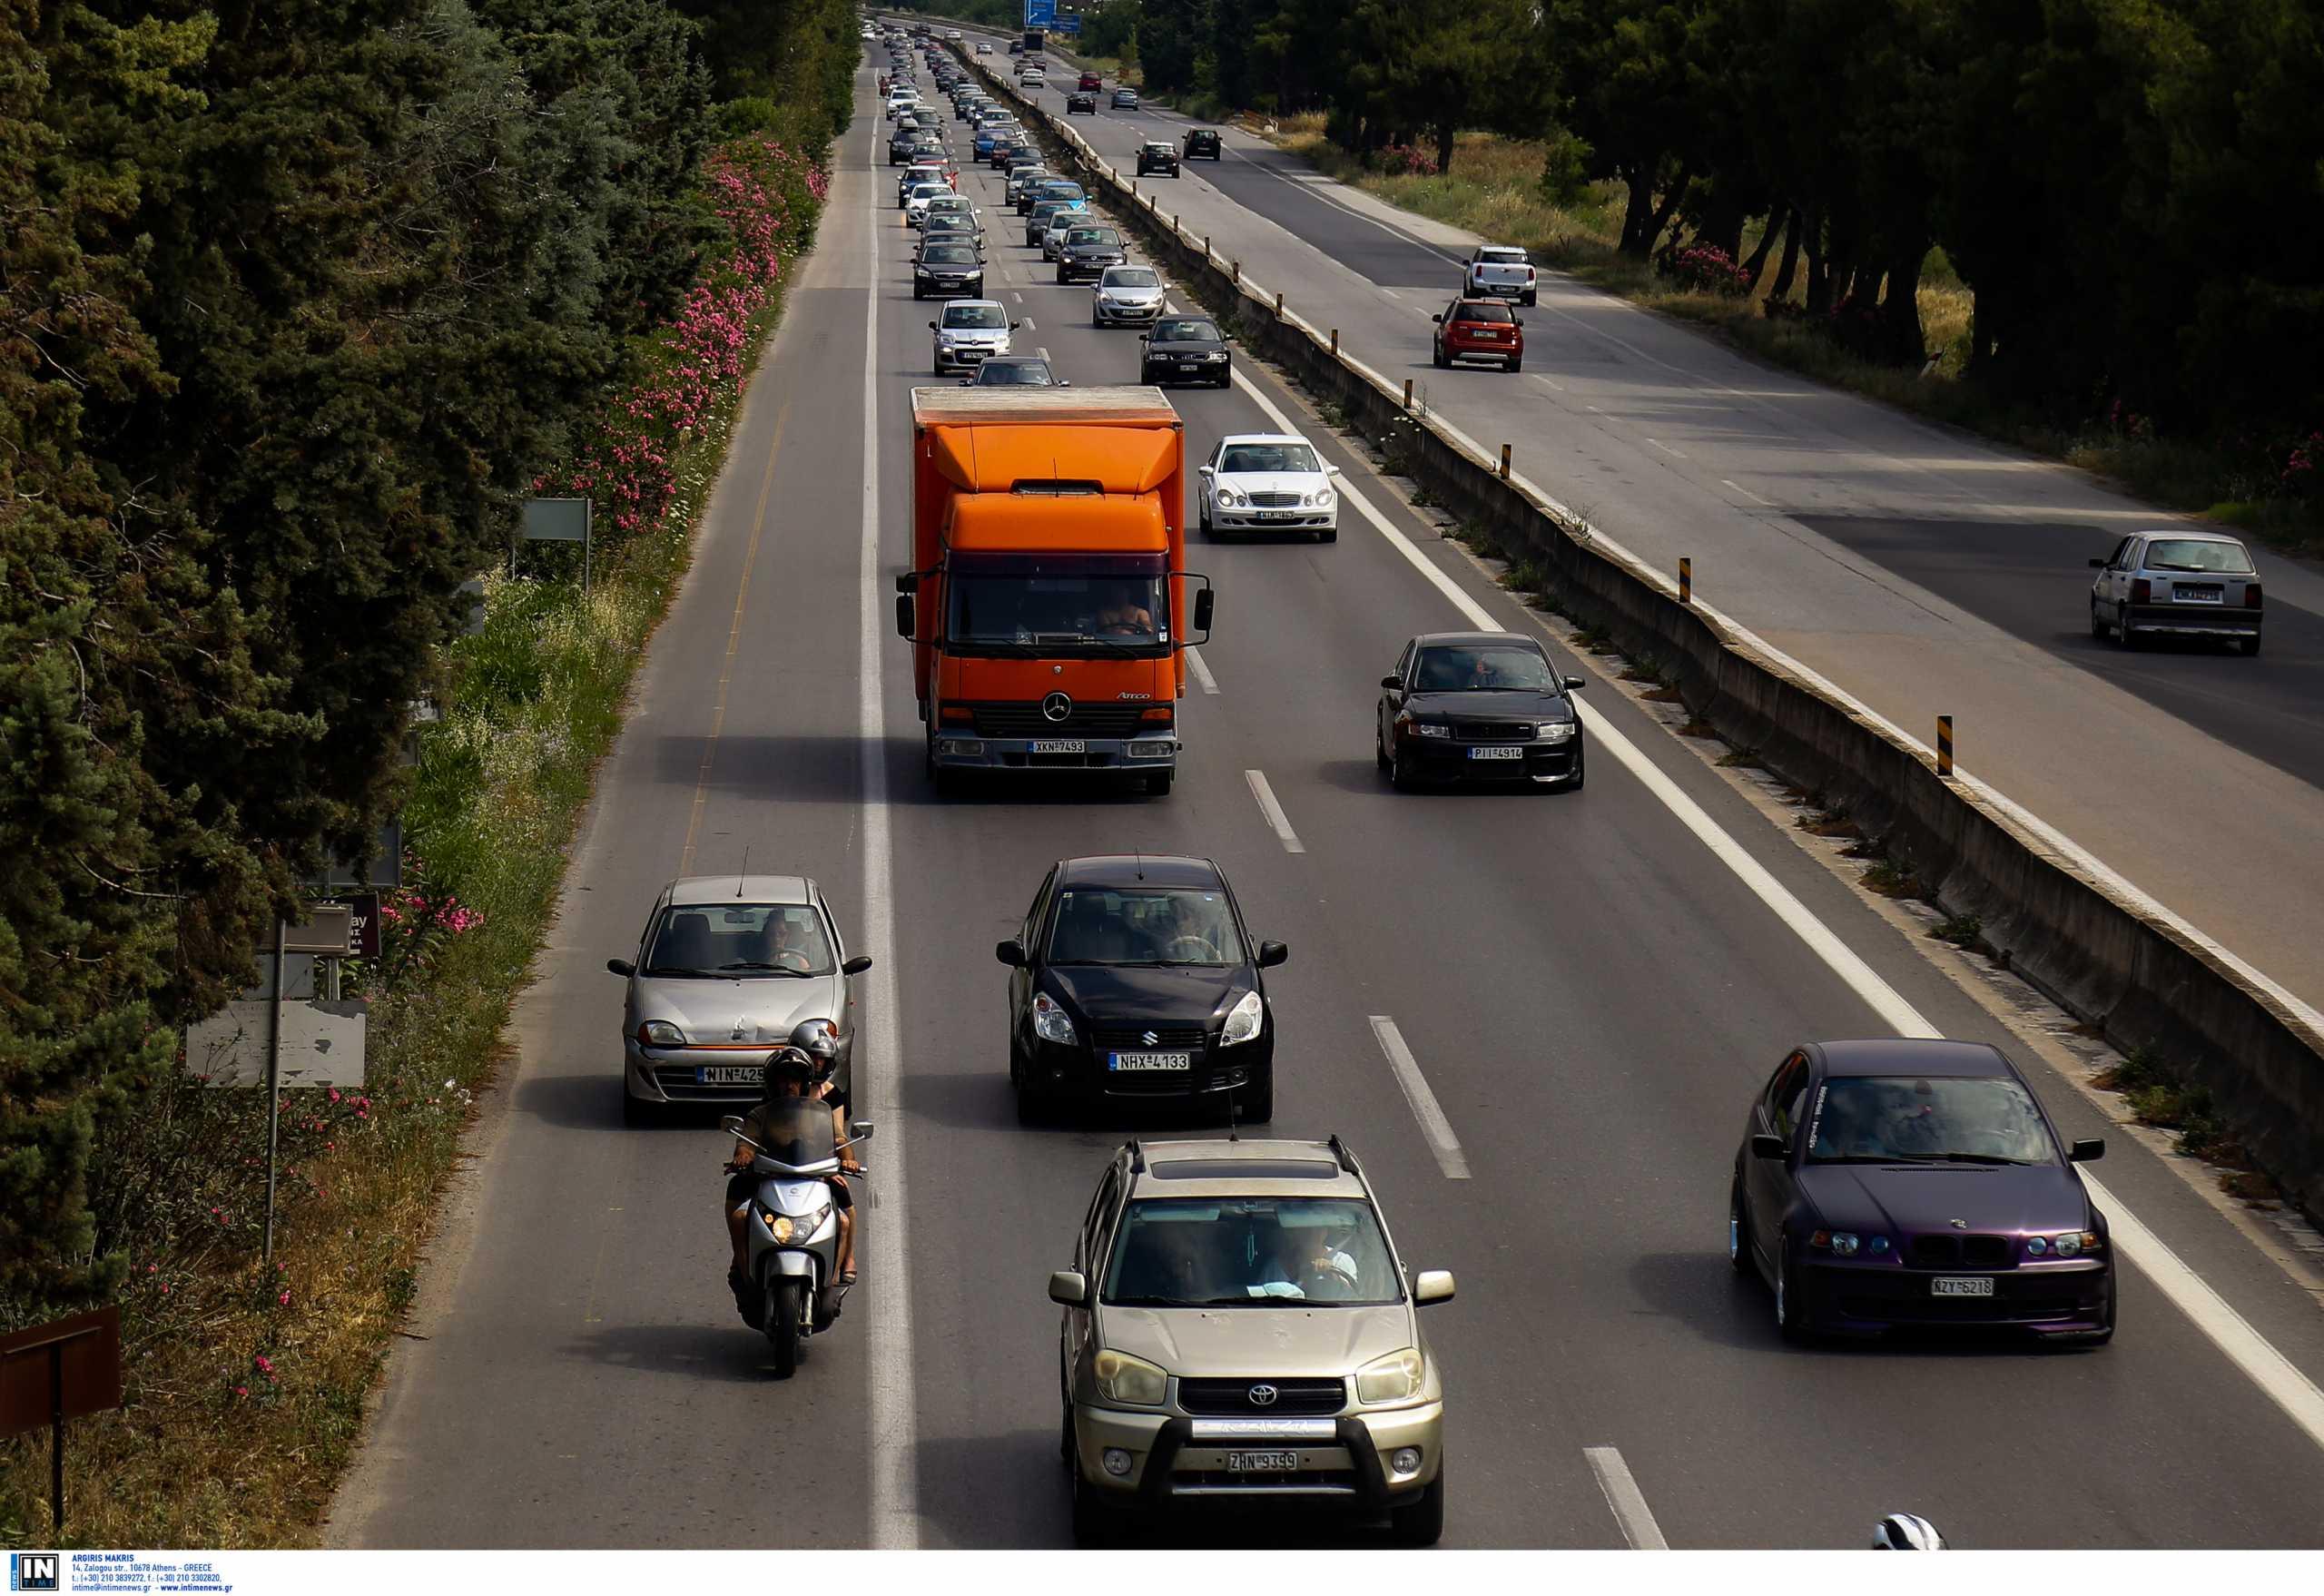 330 «πάτησαν» την ΛΕΑ μόνο στην εθνική Αθηνών – Κορίνθου και το πλήρωσαν ακριβά